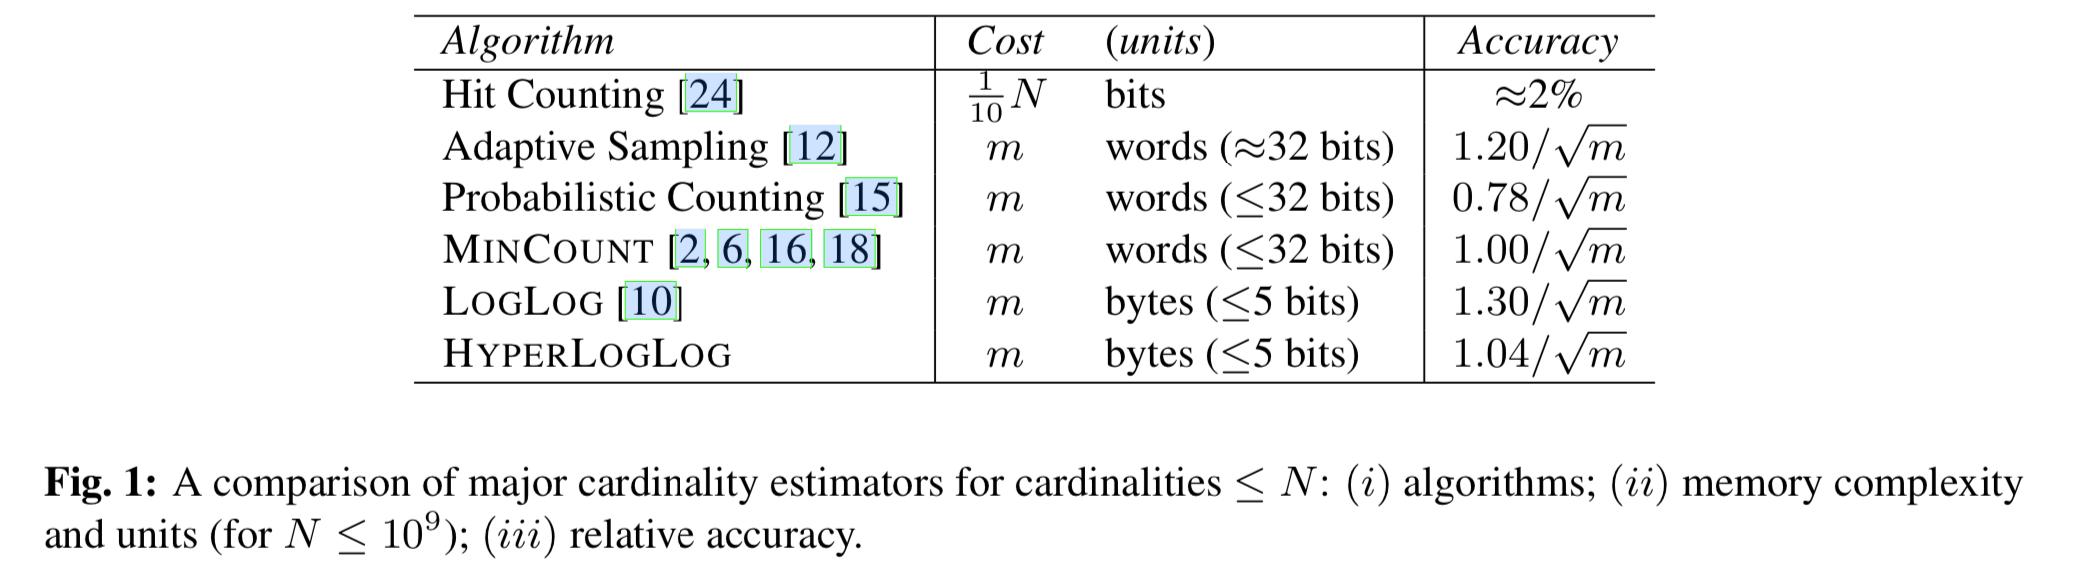 hyperloglog_algorithm_compare